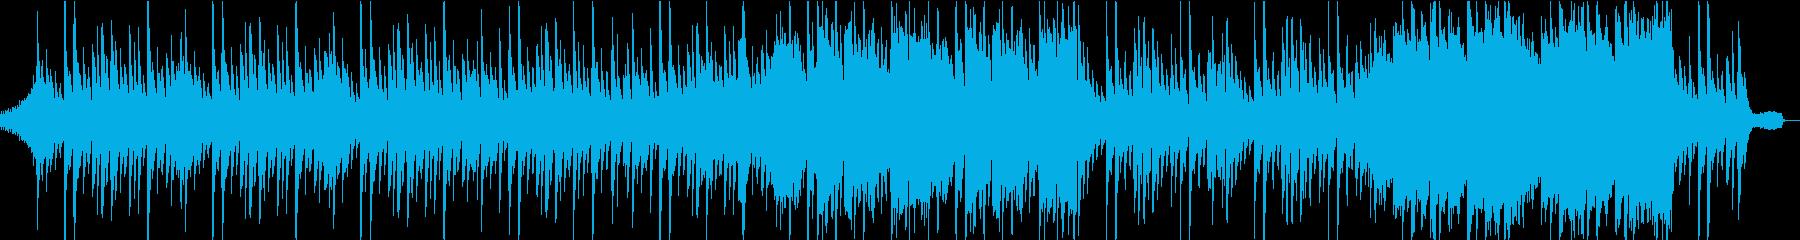 悲しく不気味なピアノ旋律の再生済みの波形